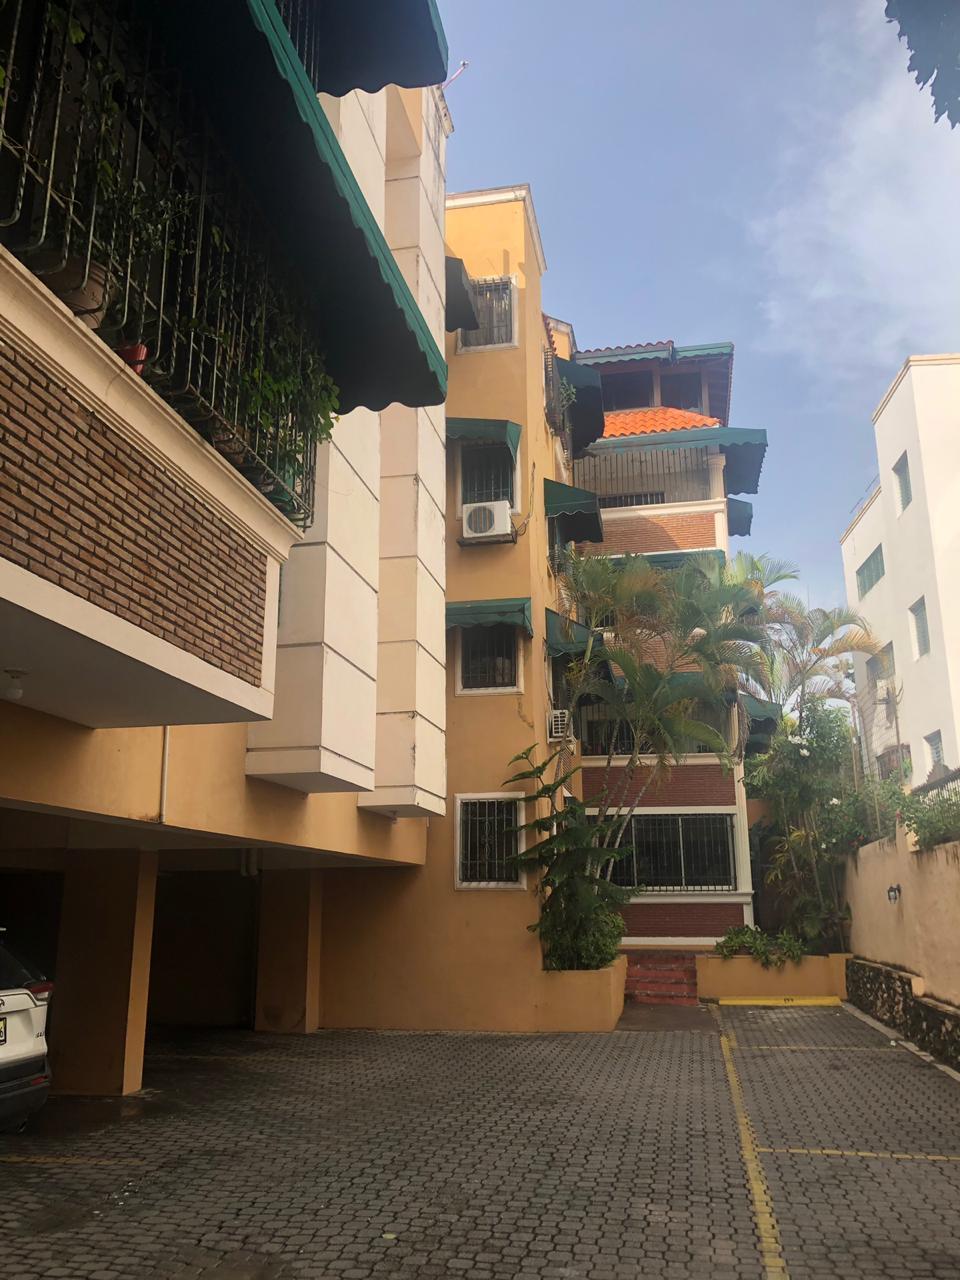 Apartamento en venta en el sector LOS RESTAURADORES precio RD$ 5,400,000.00 RD$5,400,000